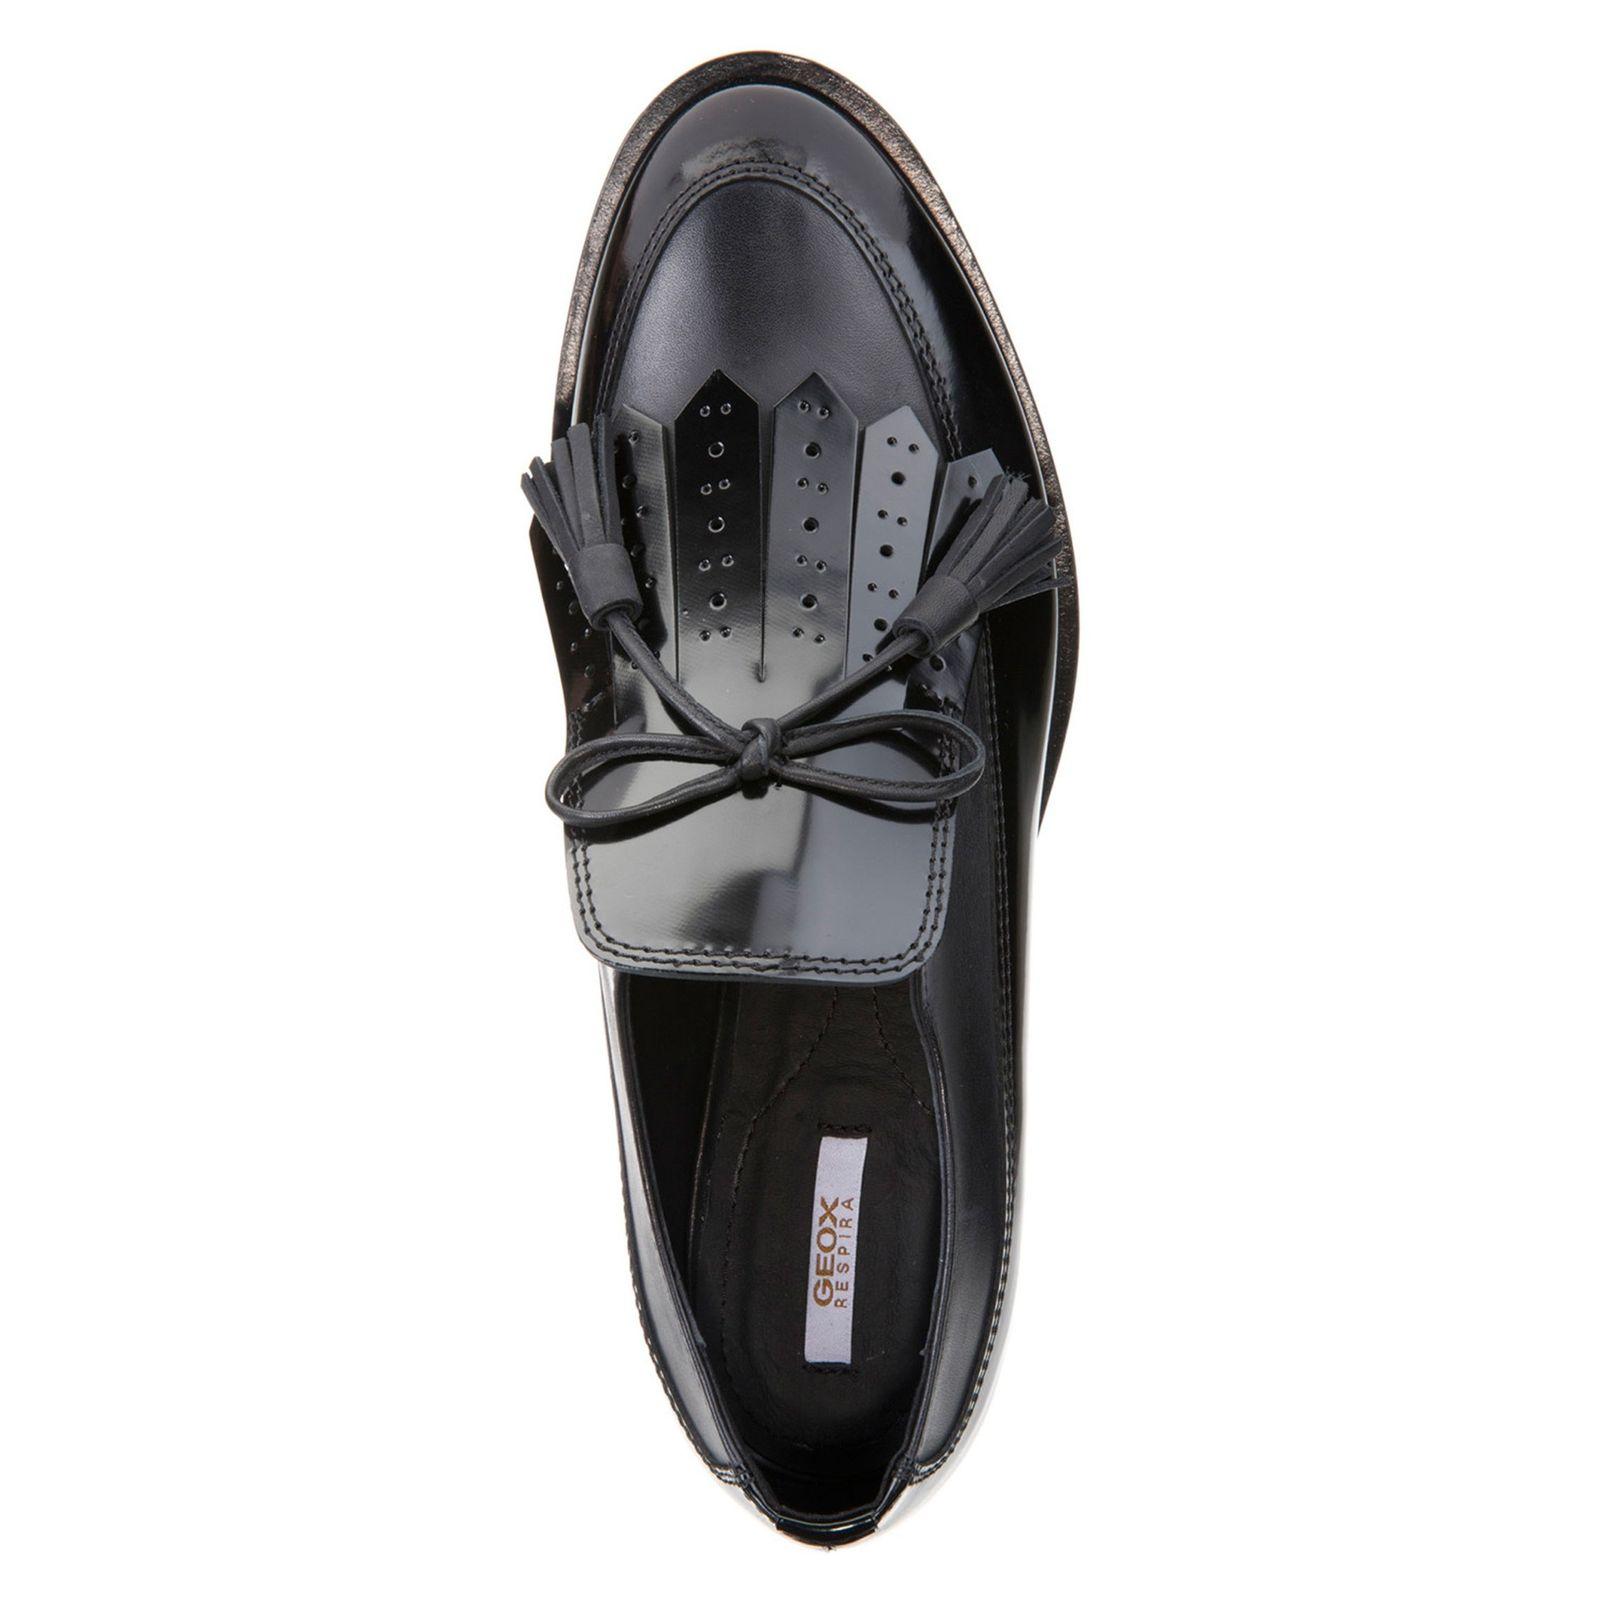 کفش تخت چرم زنانه - جی اوکس - مشکي - 2